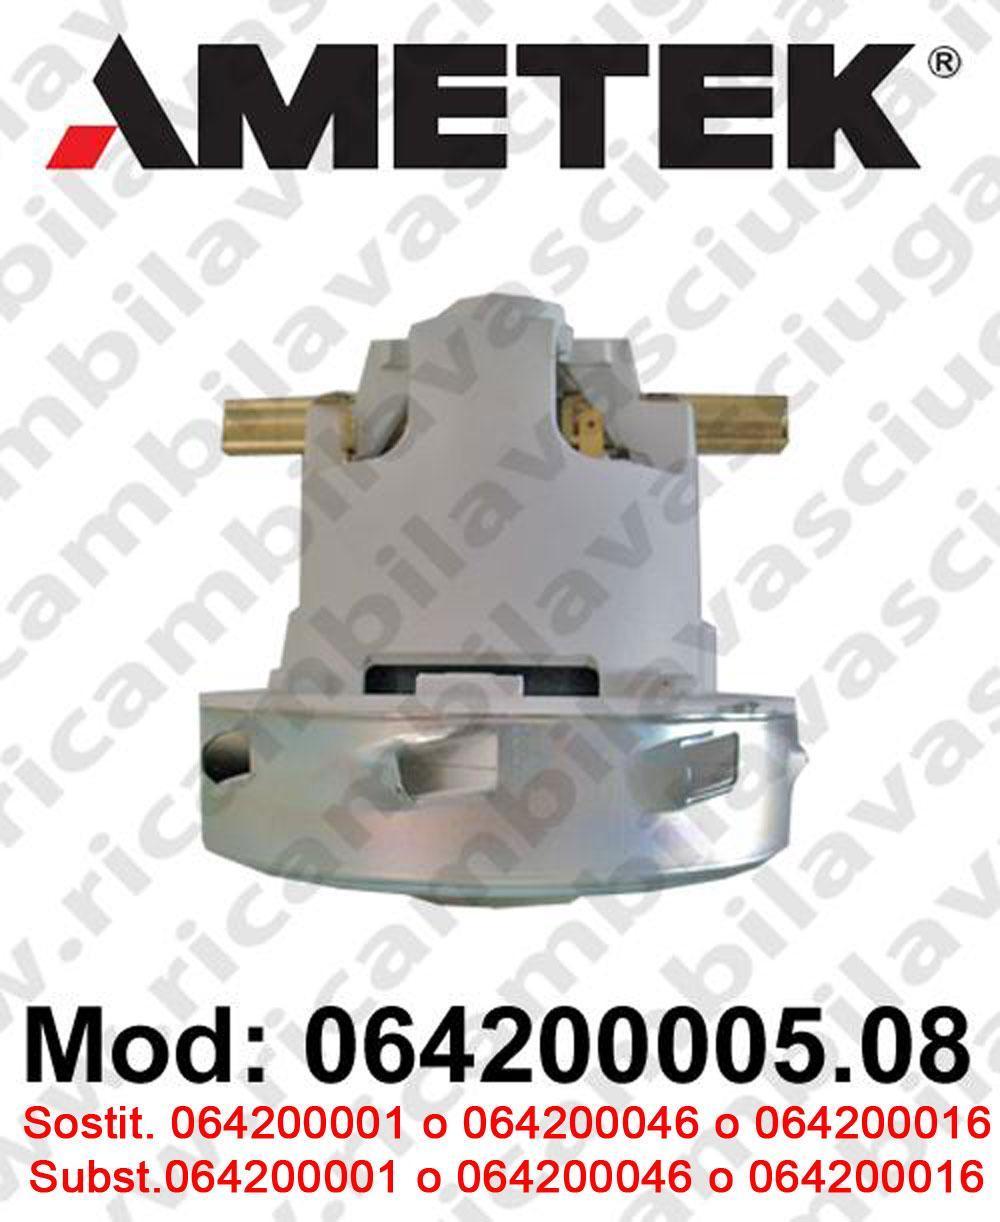 Motore de aspiración 064200005.08 AMETEK ITALIA para fregadora y aspiradora. Sostituisce 064200001 o 064200016 o 064200046